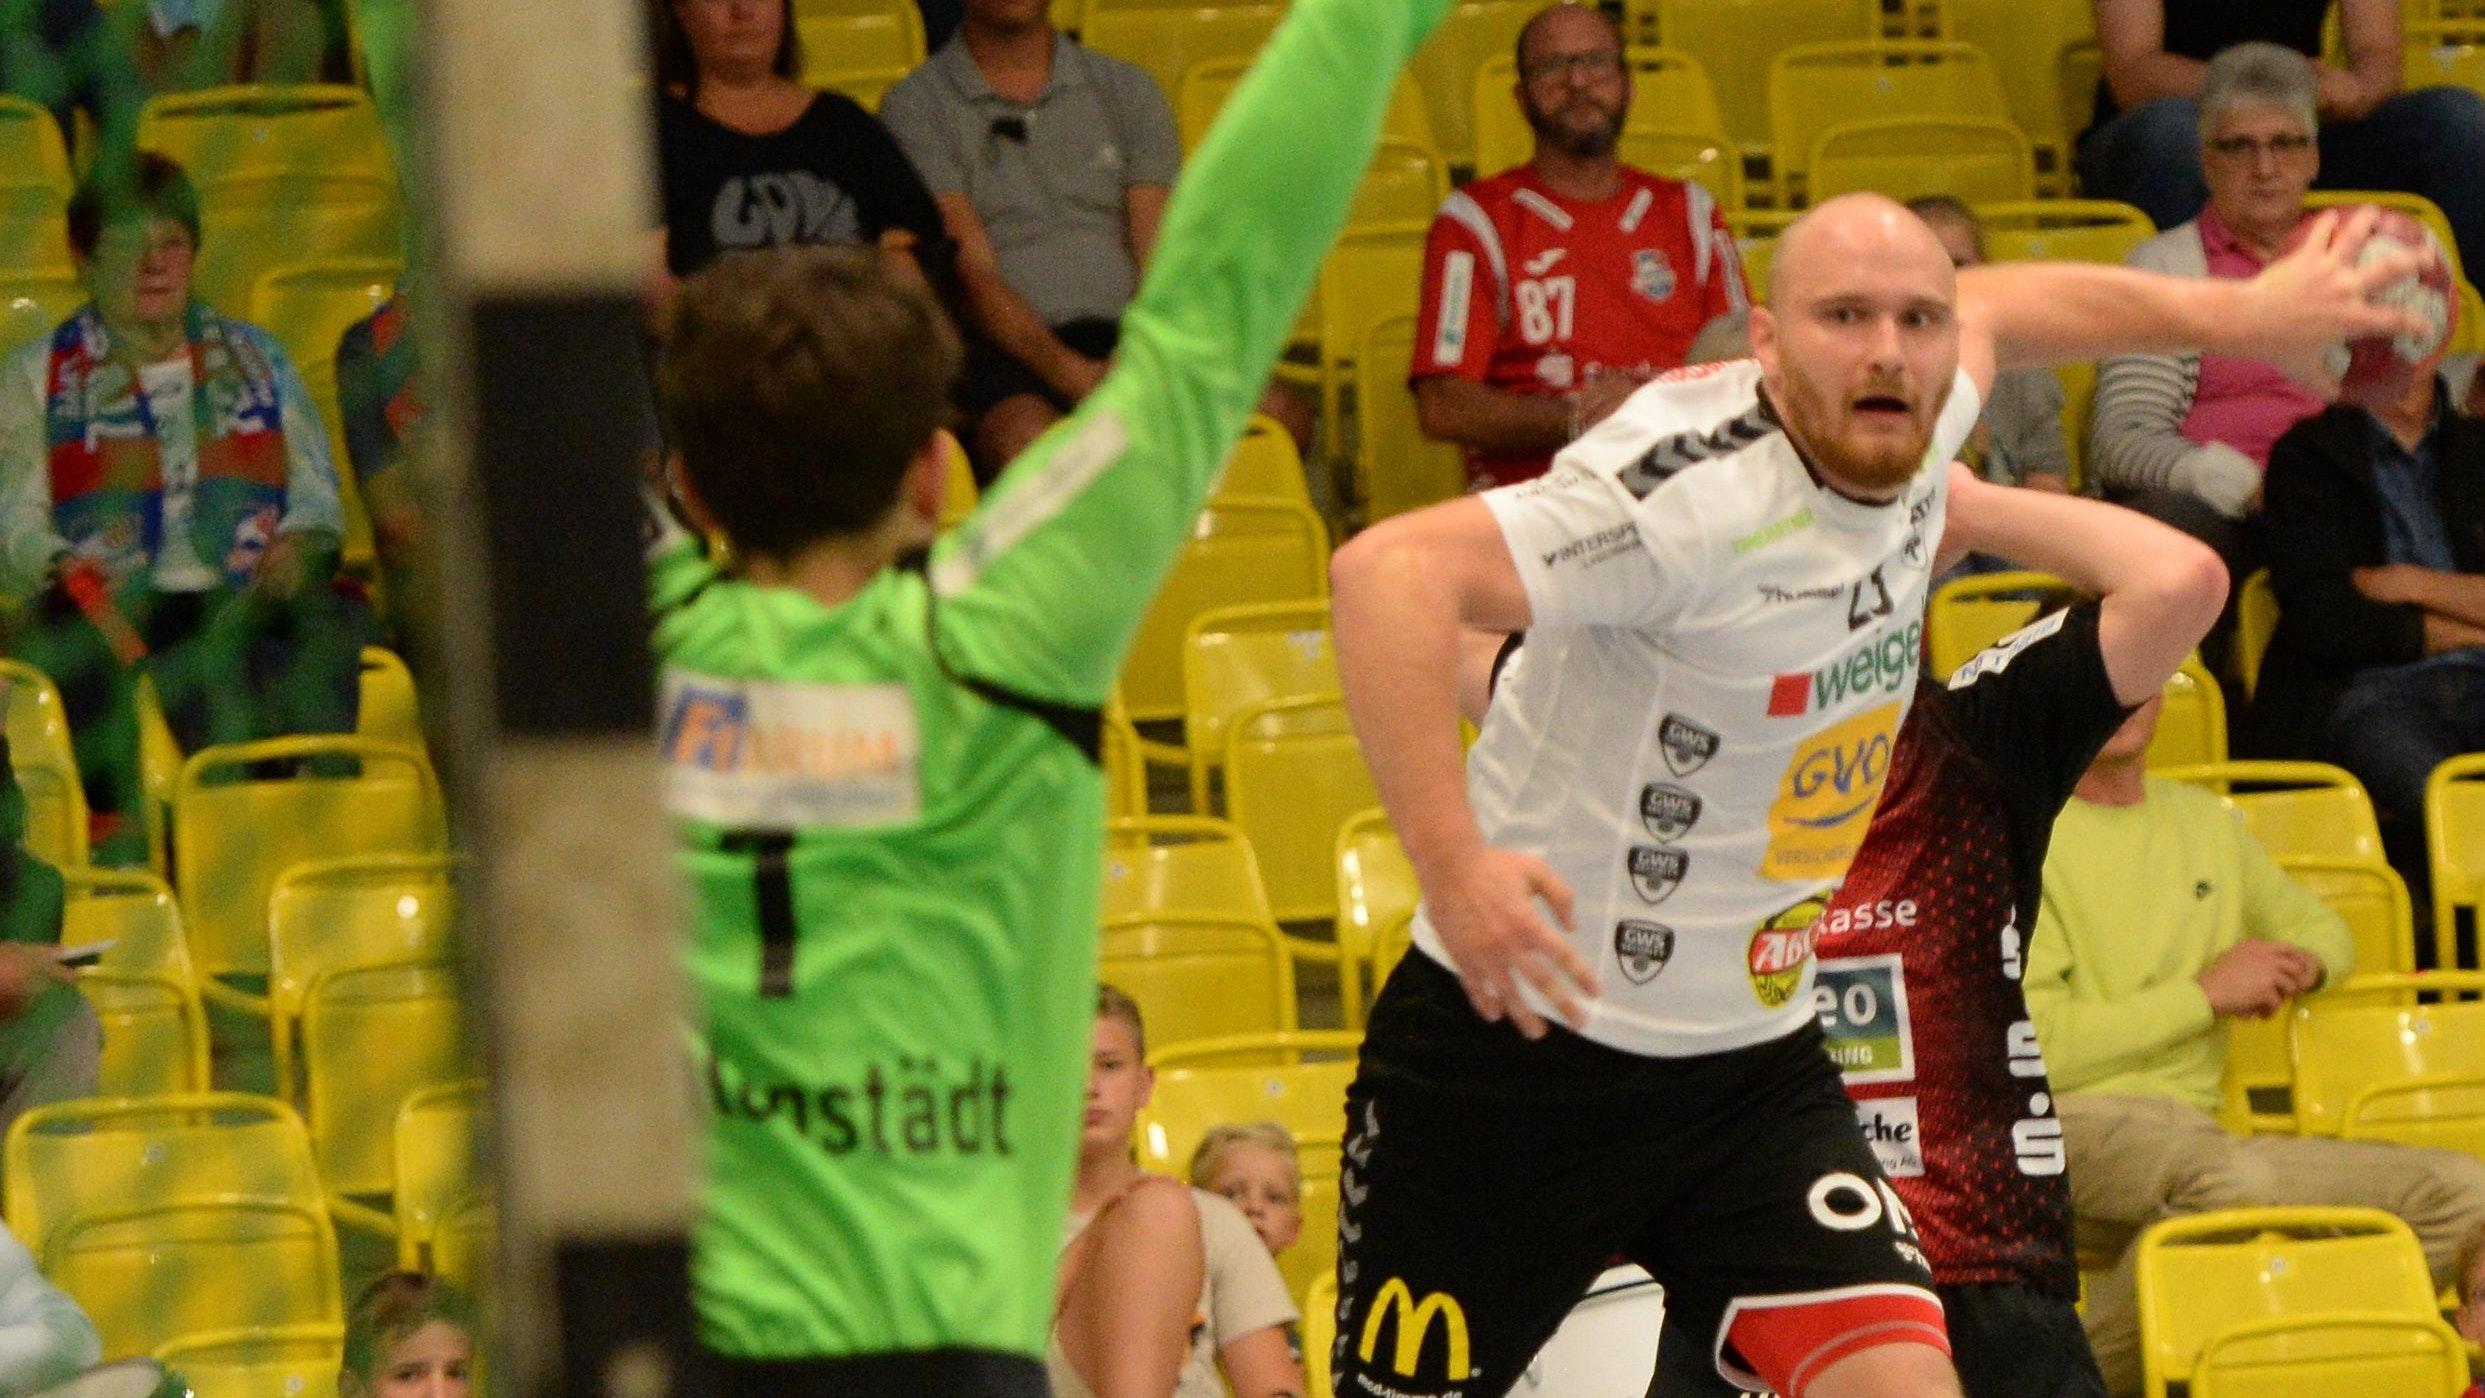 Erfolgreich abschließen: Michal Skwierawski möchte heute Abend mit dem TV Cloppenburg den ersten Saisonsieg in der 3. Liga einfahren.⋌Foto: Langosch